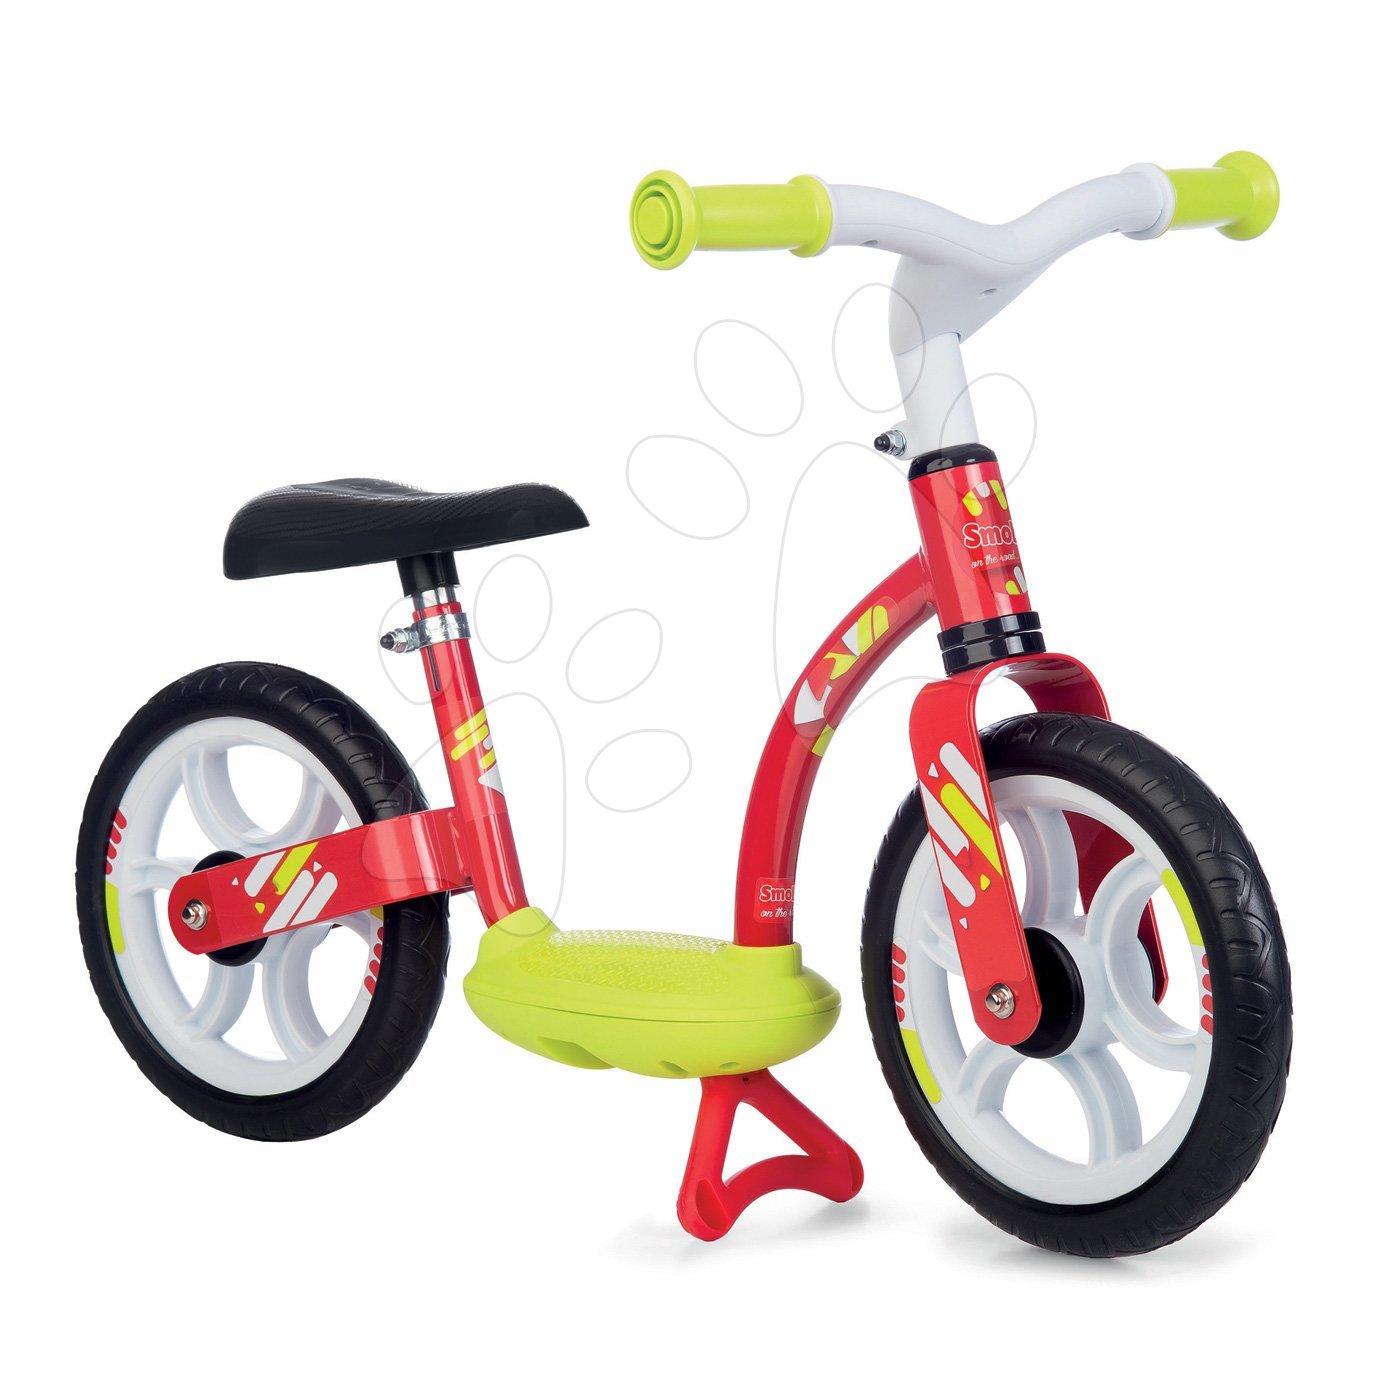 Balanční odrážedlo Balance Bike Comfort Red Smoby s kovovou konstrukcí a výškově nastavitelným sedadlem od 24 měsíců